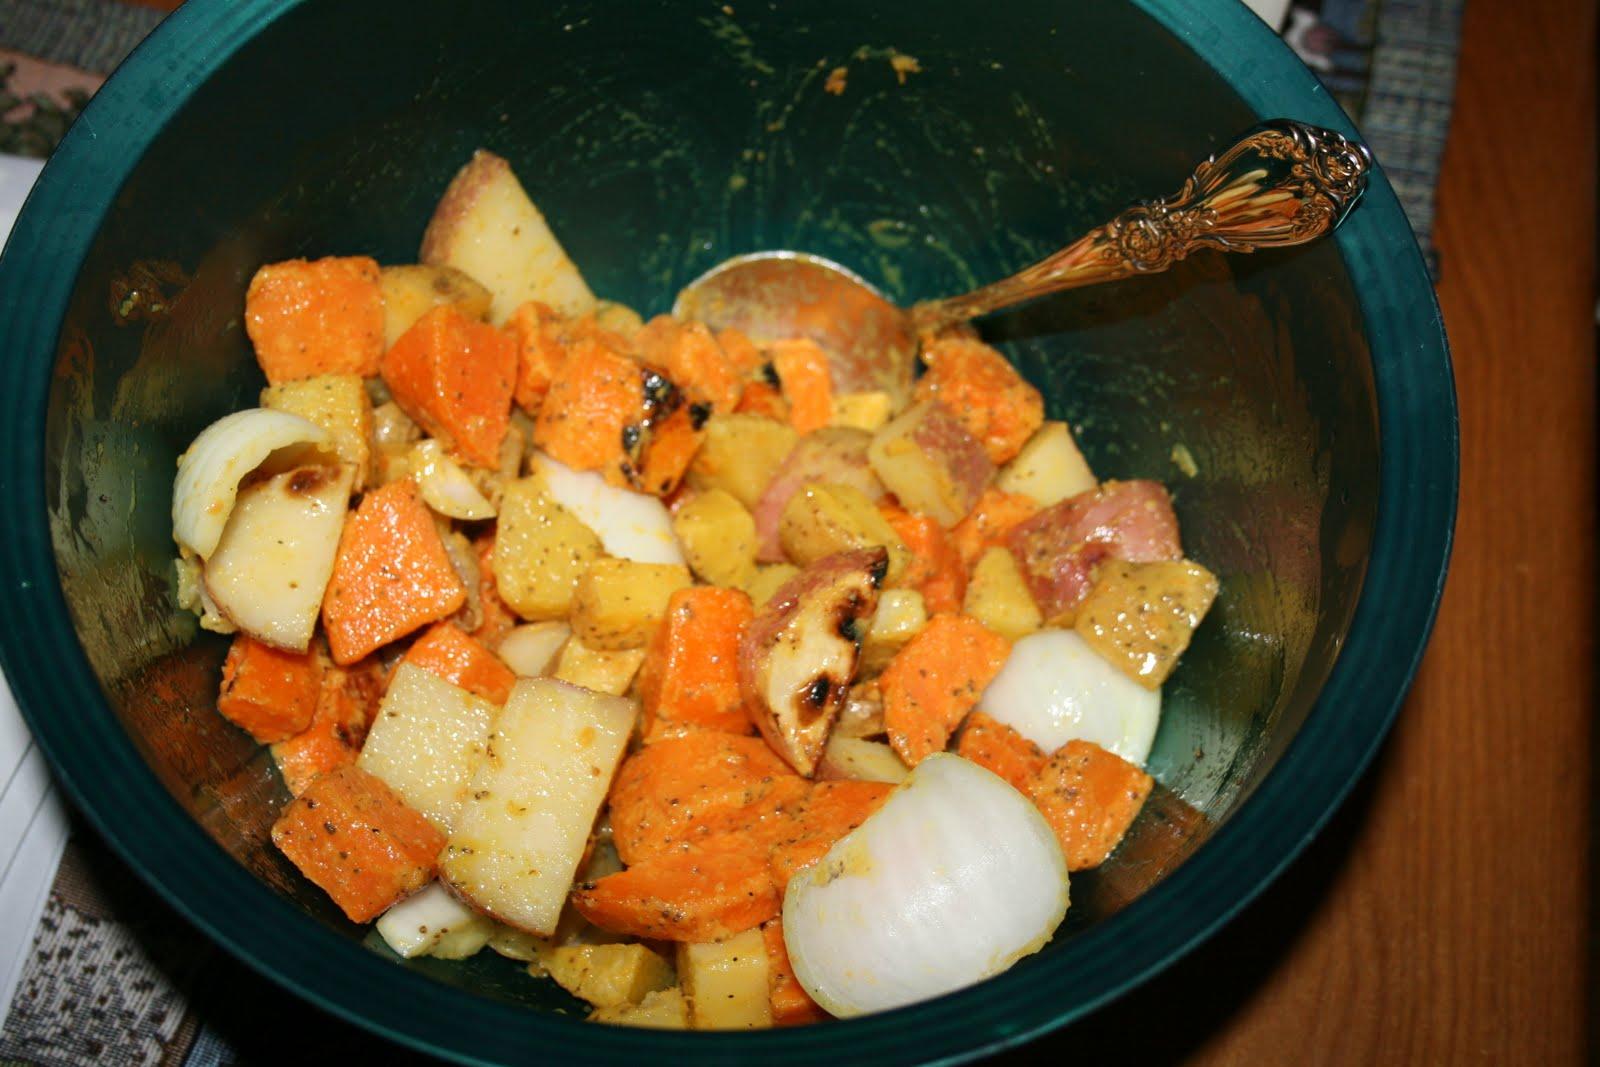 Latte' with Ott, A: hOTT off the grill: three-potato salad